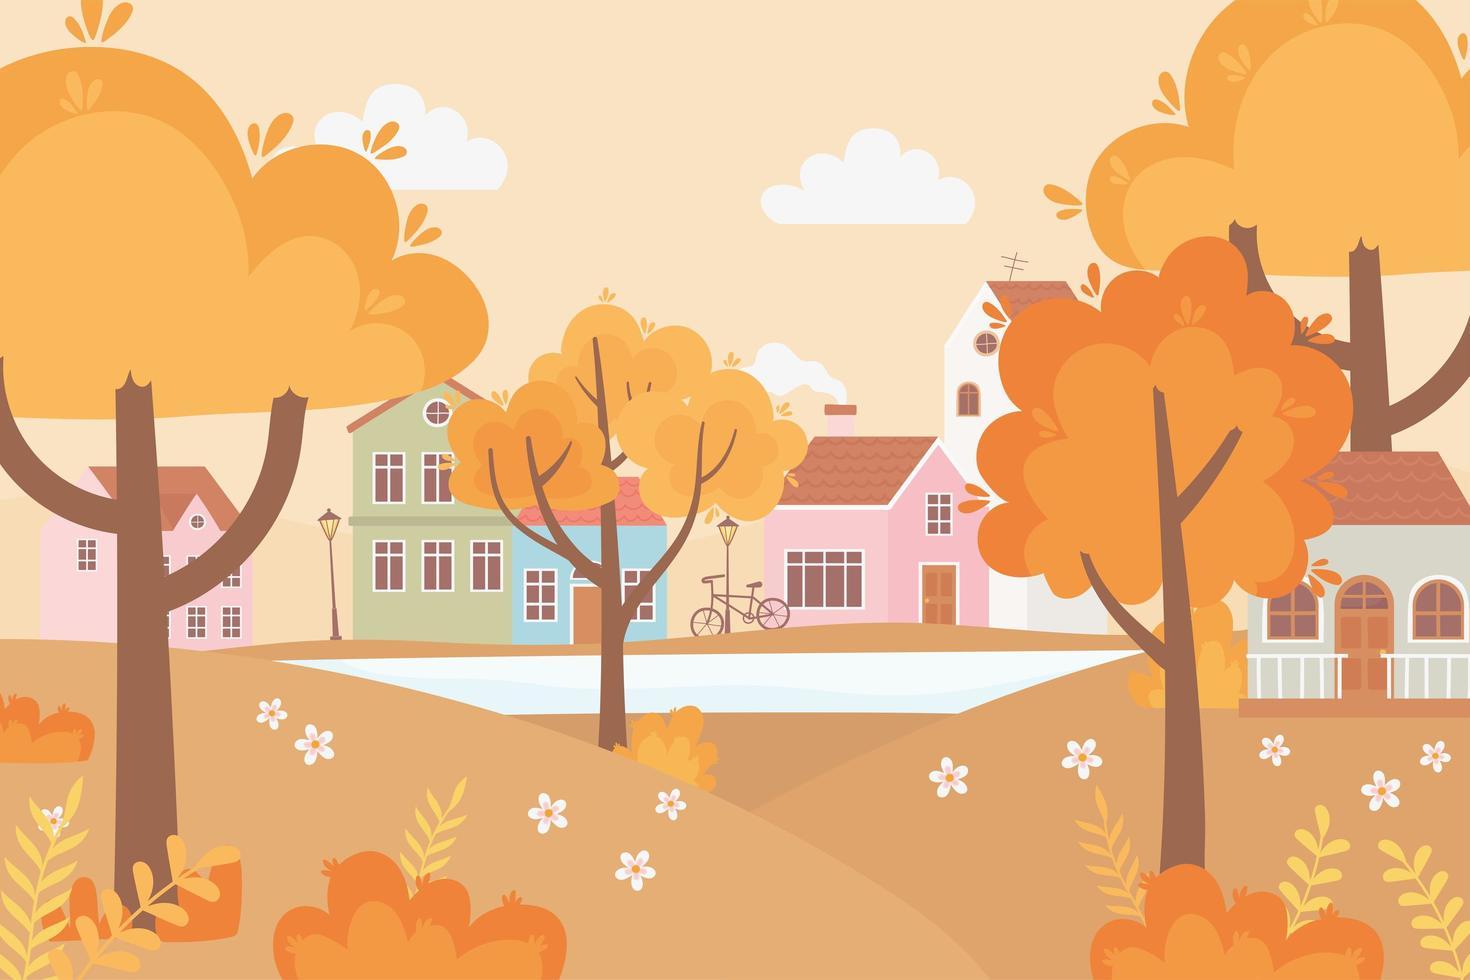 landskap på hösten. by, gata, cykel och hus vektor